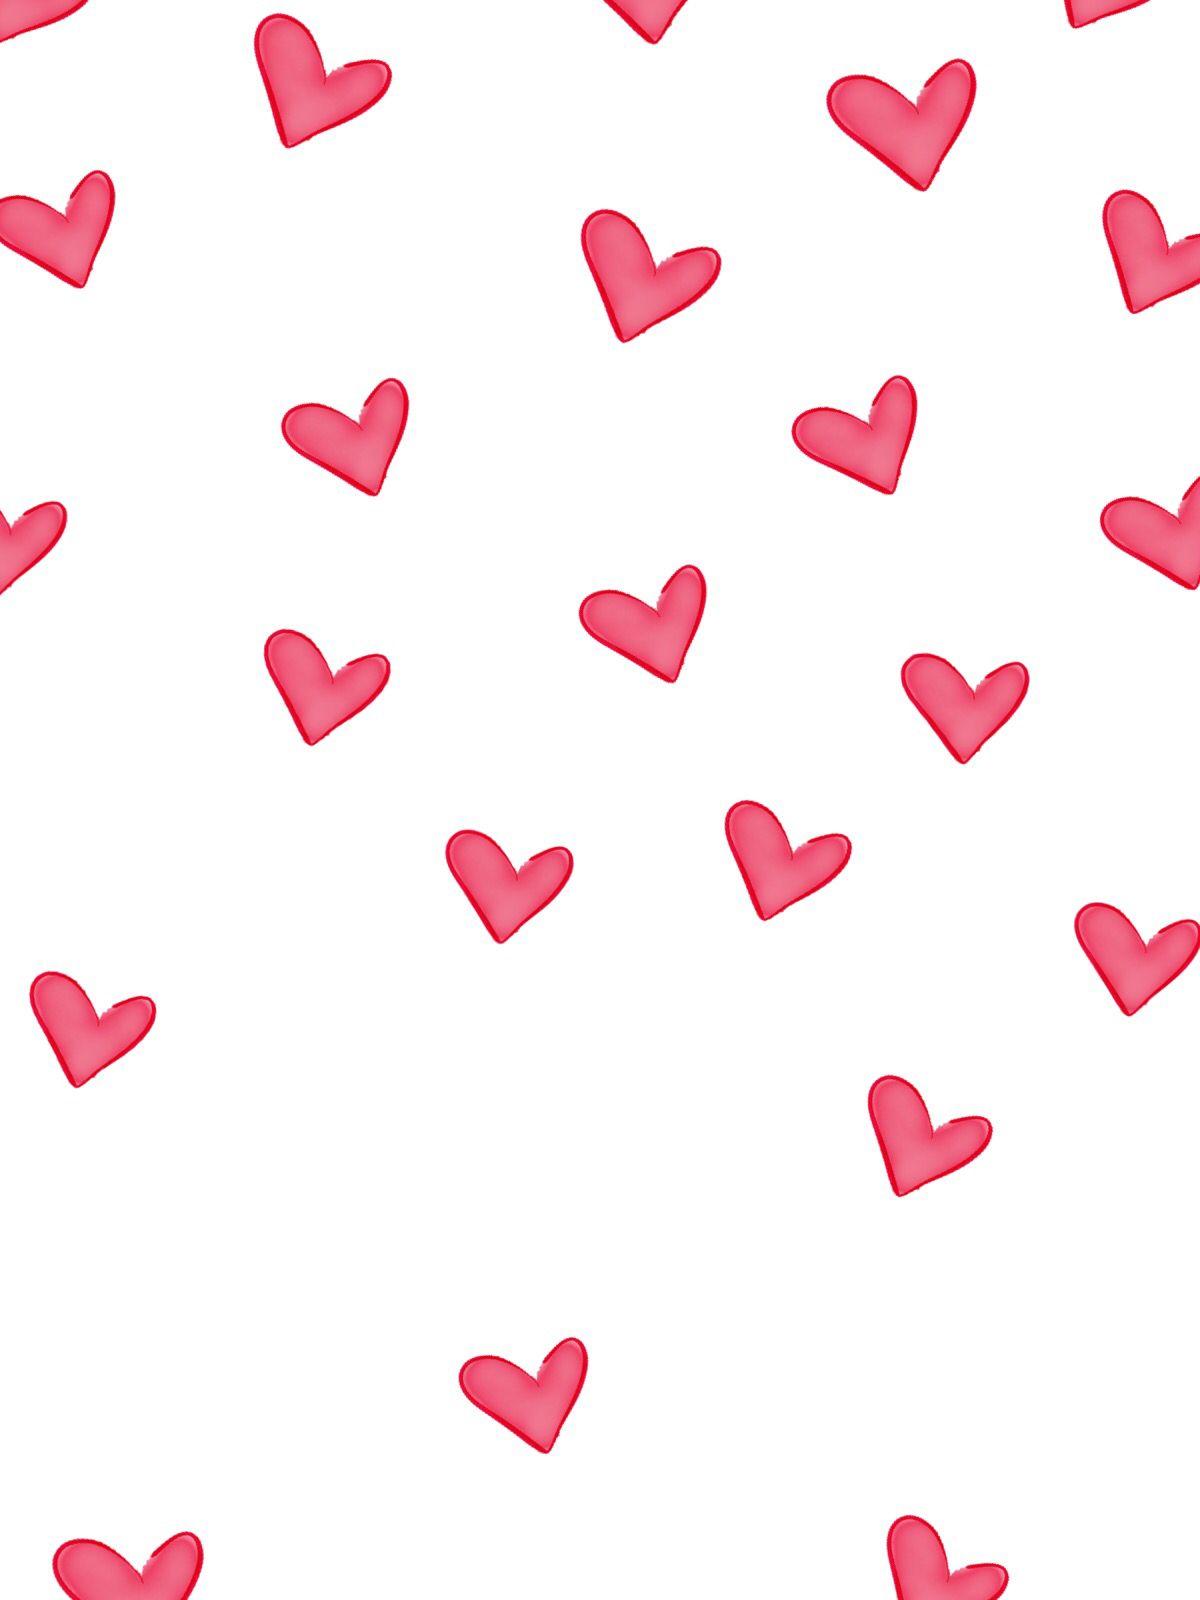 Cute valentine Wallpaper wallpaper marieghansen Heart iphone 1200x1600